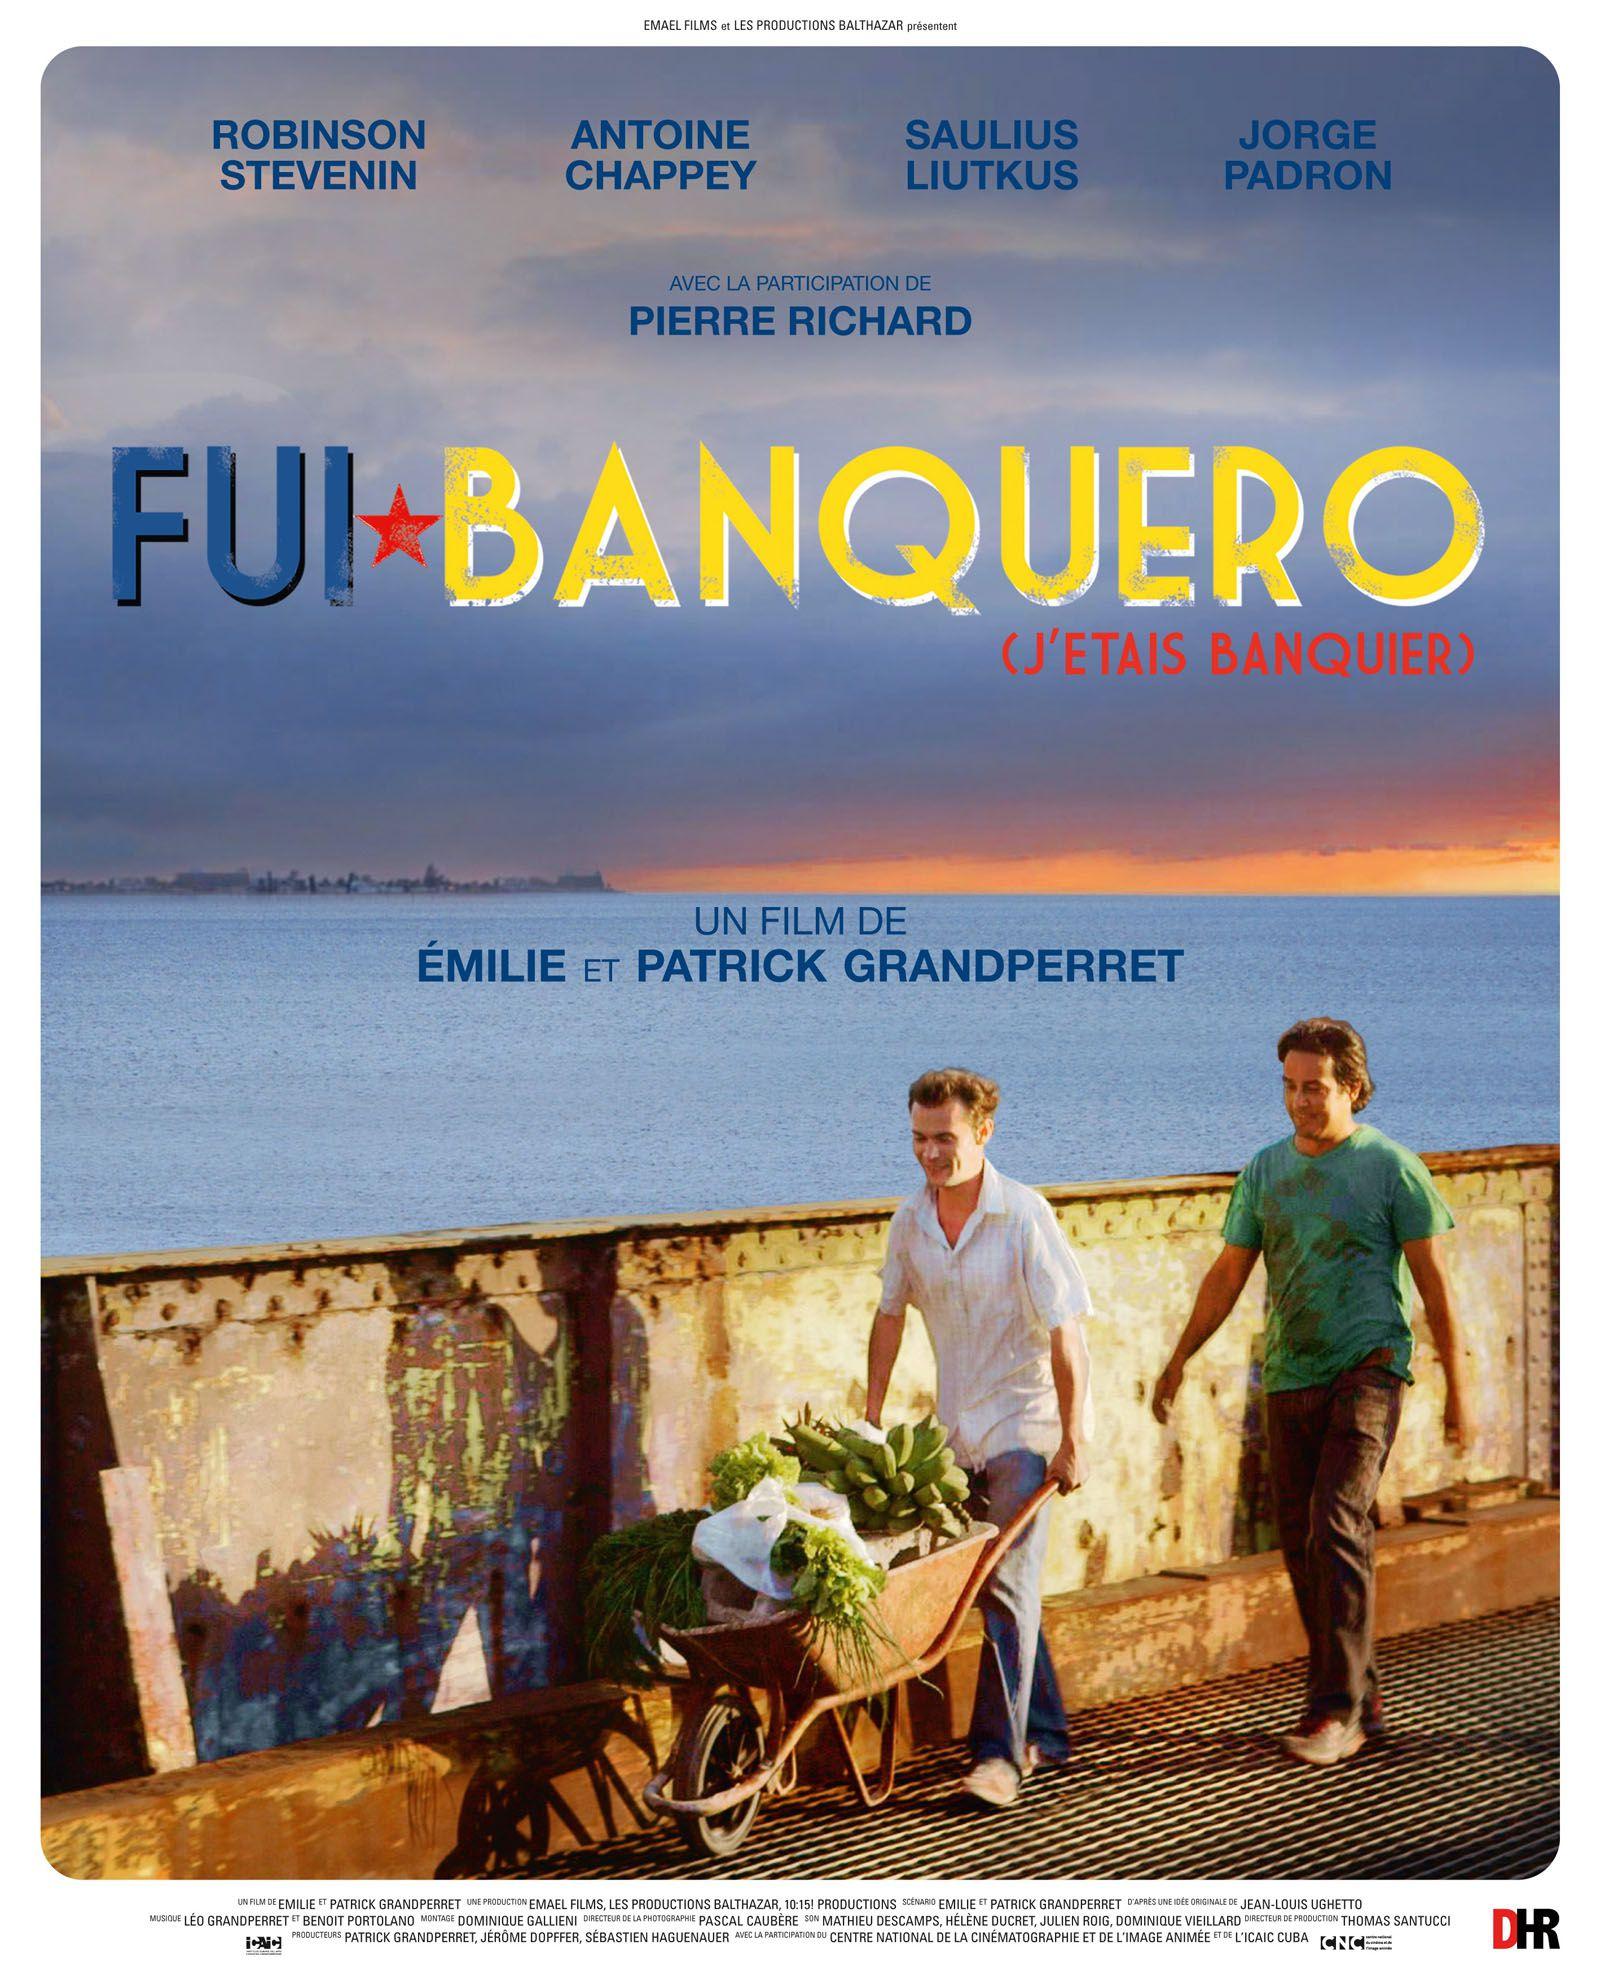 Fui banquero (j'étais banquier) - Film (2016)